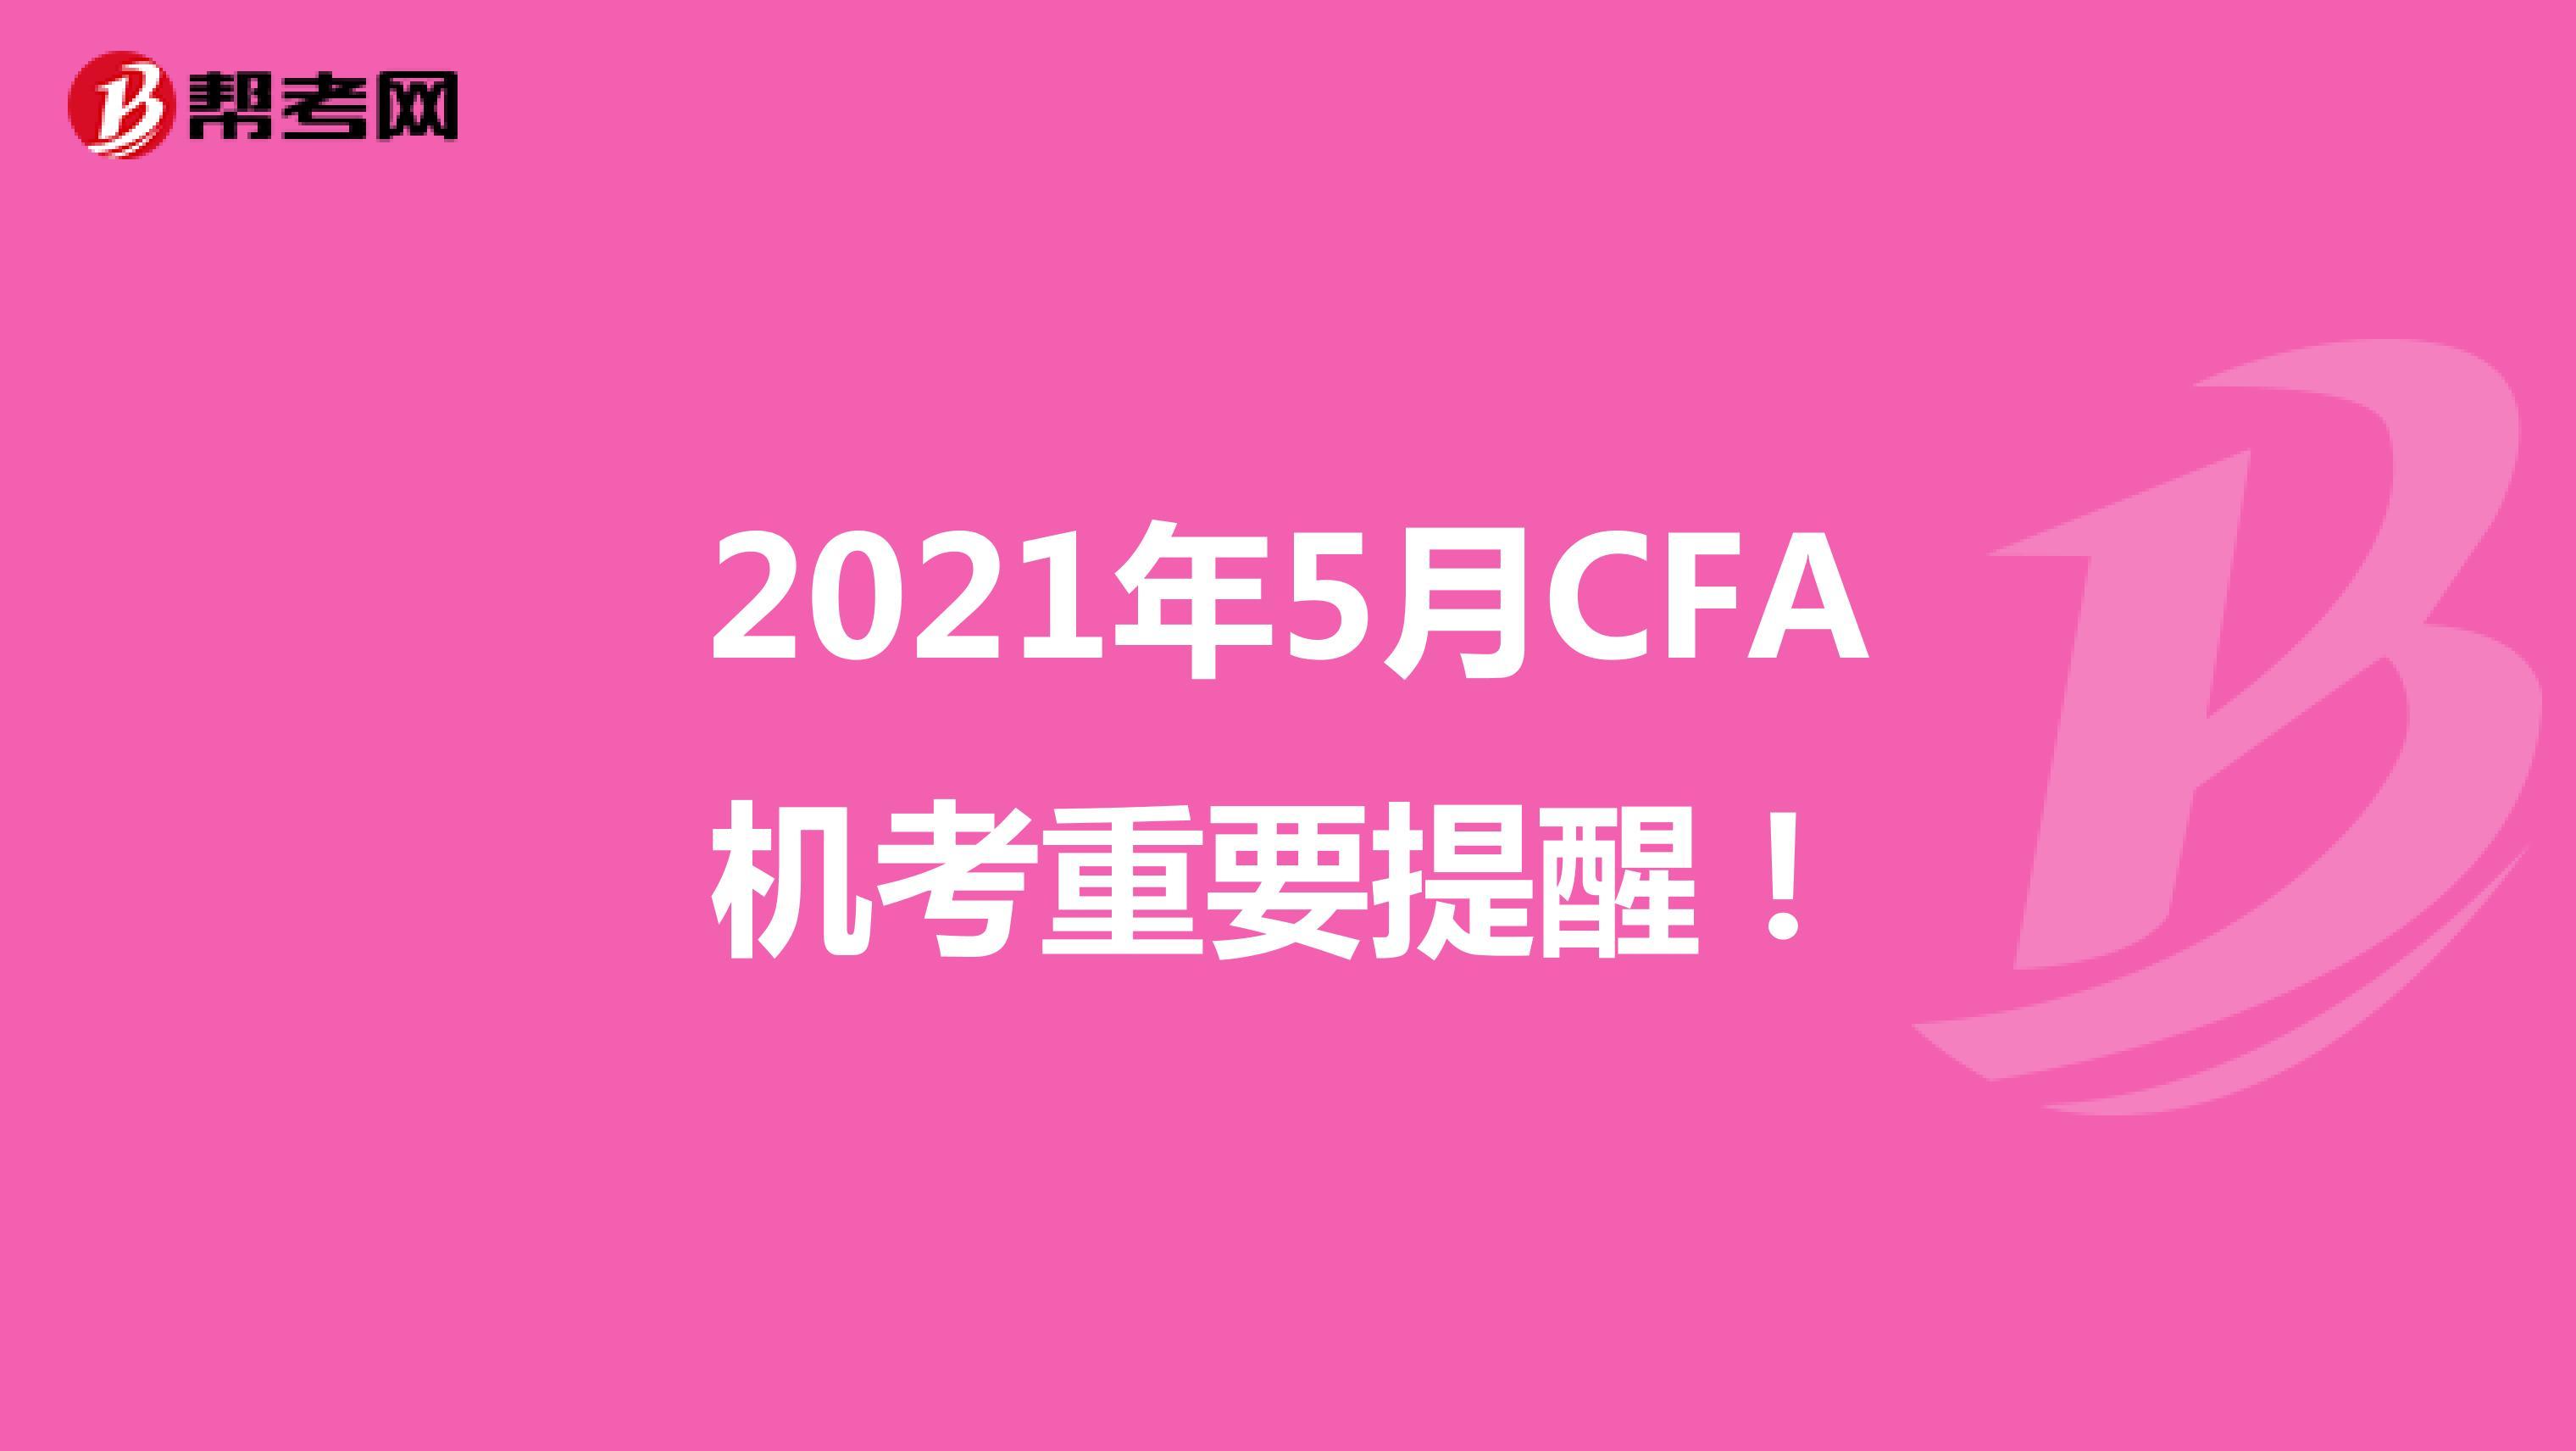 2021年5月CFA机考重要提醒!